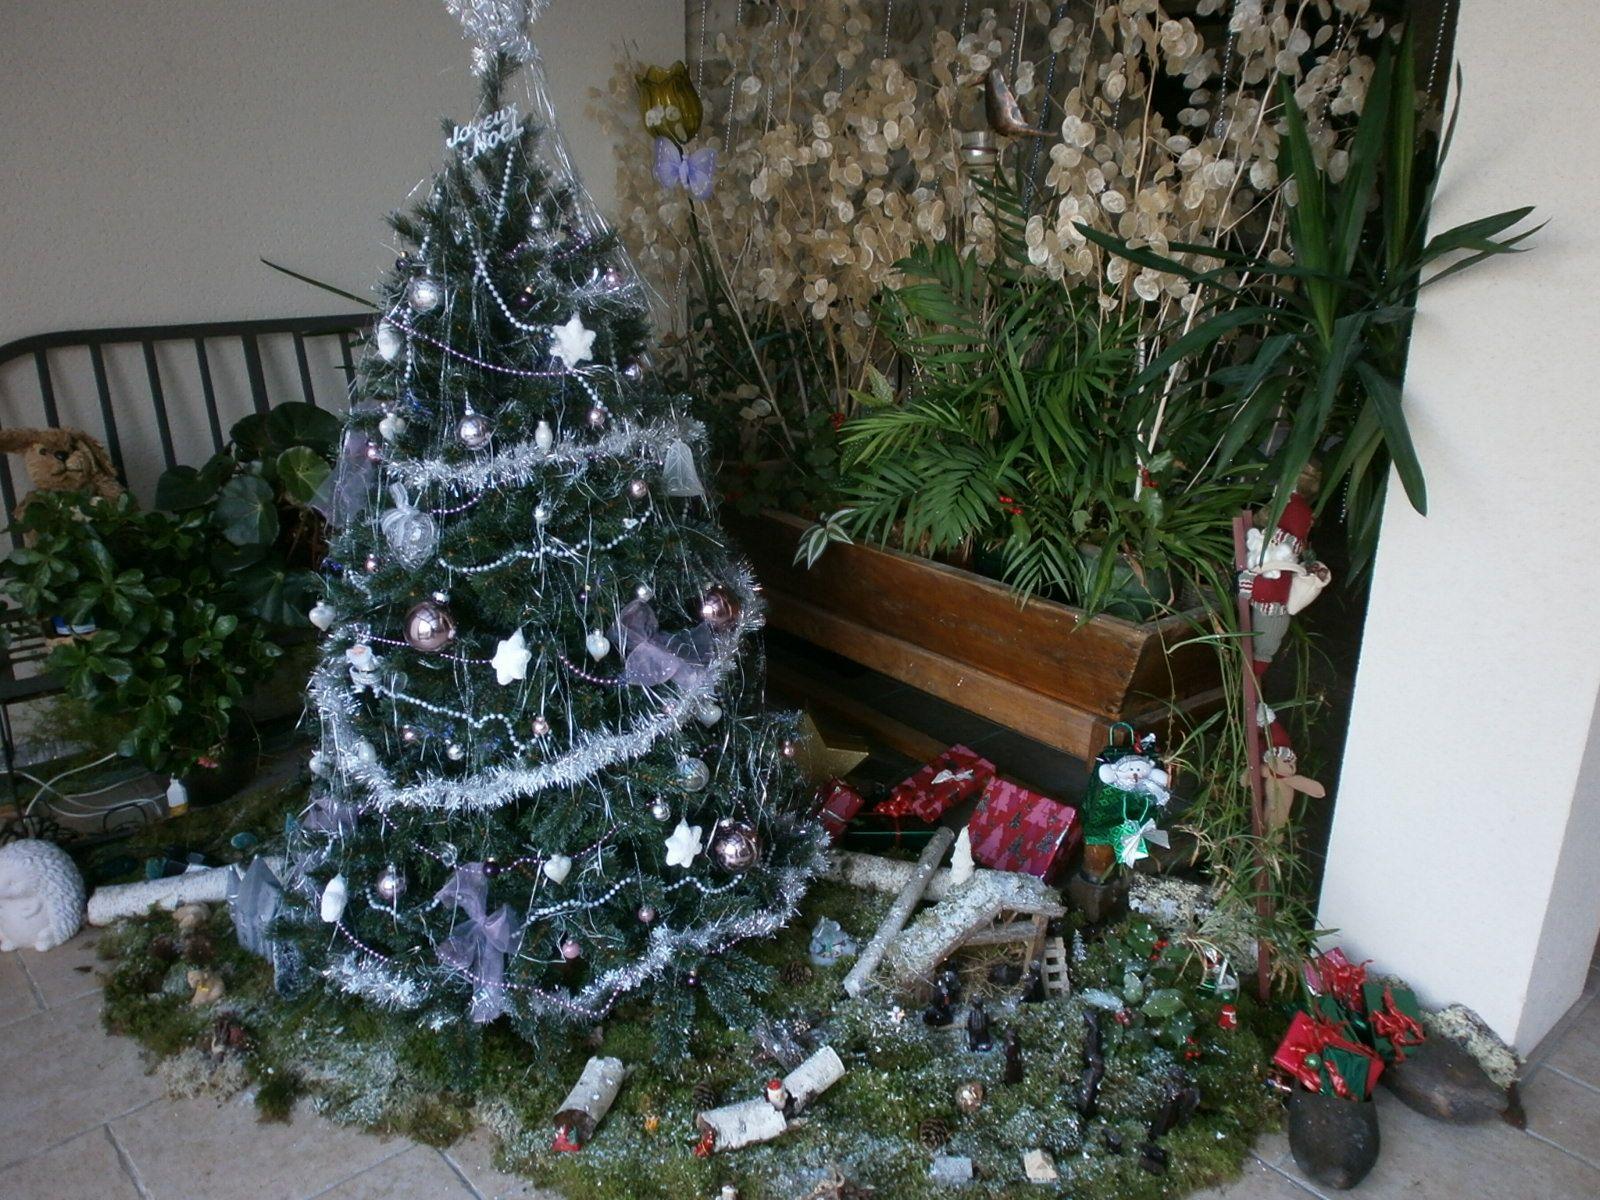 Tous les ans, une déco changeante, placée à différents coins de la maison. tantôt petit pin, tantôt sapin, tantôt autres ...mais c'est toujours l'envie de créer une atmosphère, qui finit par la table et quelques gourmandises. Grâce à ce blog, je peux remonter loin dans ces soirs de Noël, qui tous, me racontent des histoires qui parlent d'amour. Alors oui, Fêtons Noël...